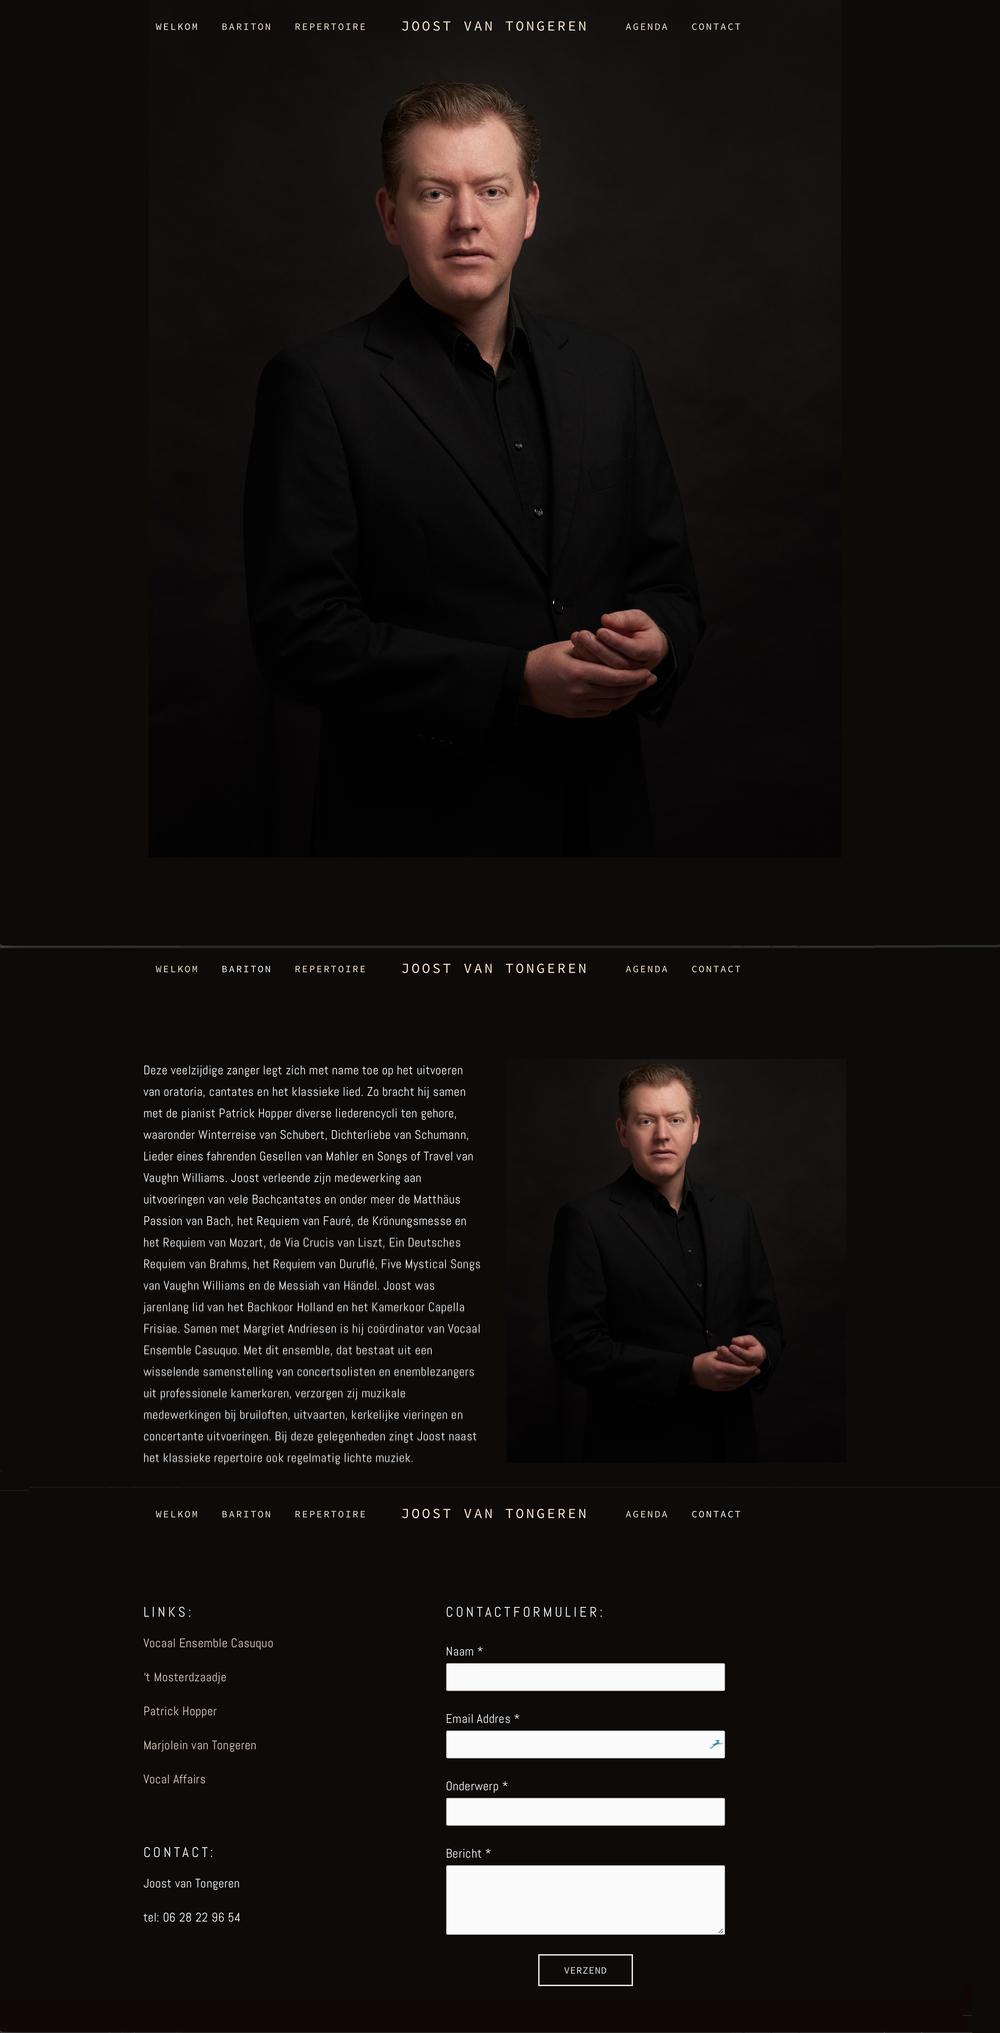 www.joostvantongeren - Maikel Thijssen Photography Amsterdam